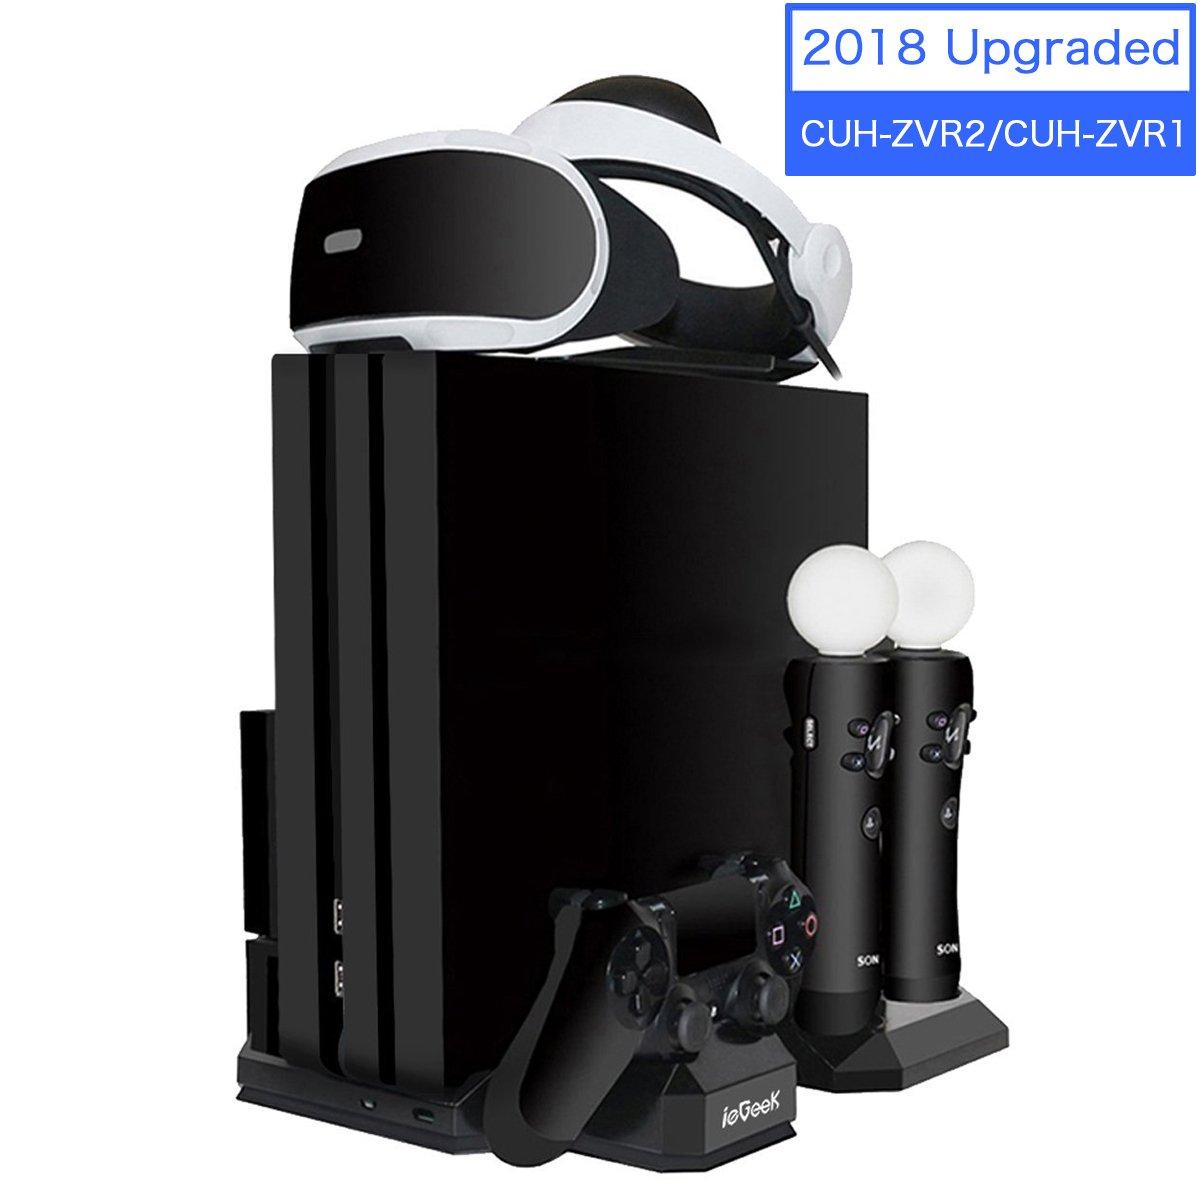 Mis à jour ieGeek Support de Charge PSVR, Socle PS4 Slim / PS4 Pro / PS4, [Tout en 1] PS4 Ventilateur / Vertical Stand Support pour PlayStation VR, Chargeur de Manettes DualShock 4 et PS Move